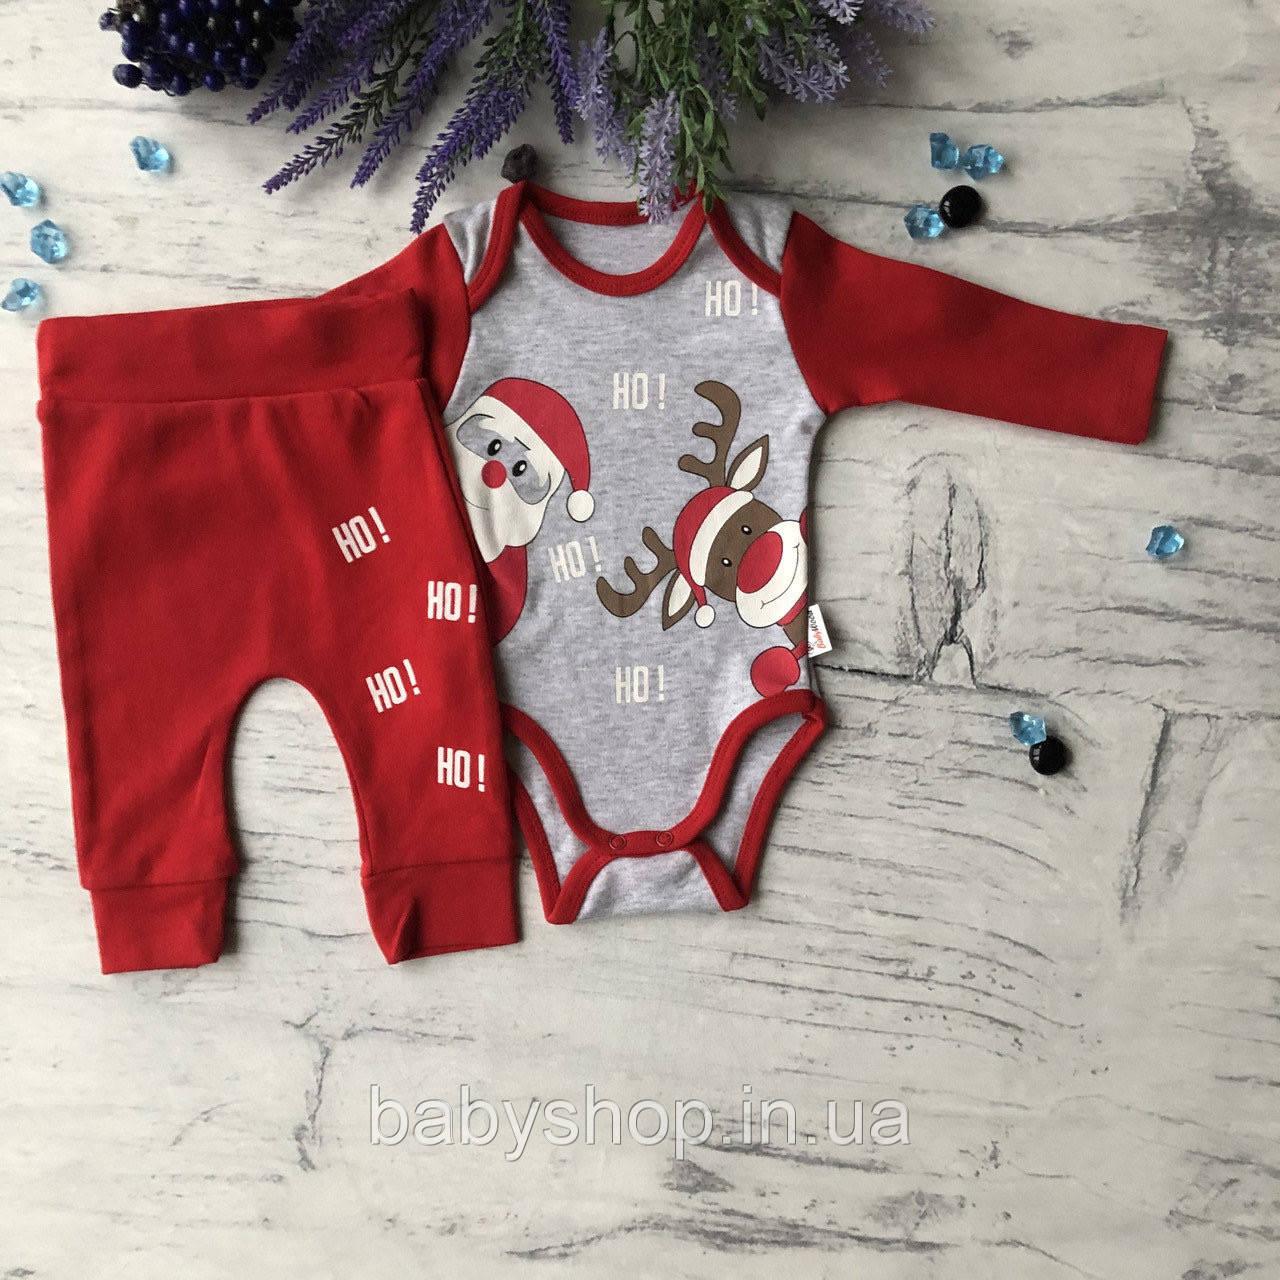 Боди и штанишки новогодние  для мальчика и девочки Турция 9. Размер  62 см, 68 см, 80 см